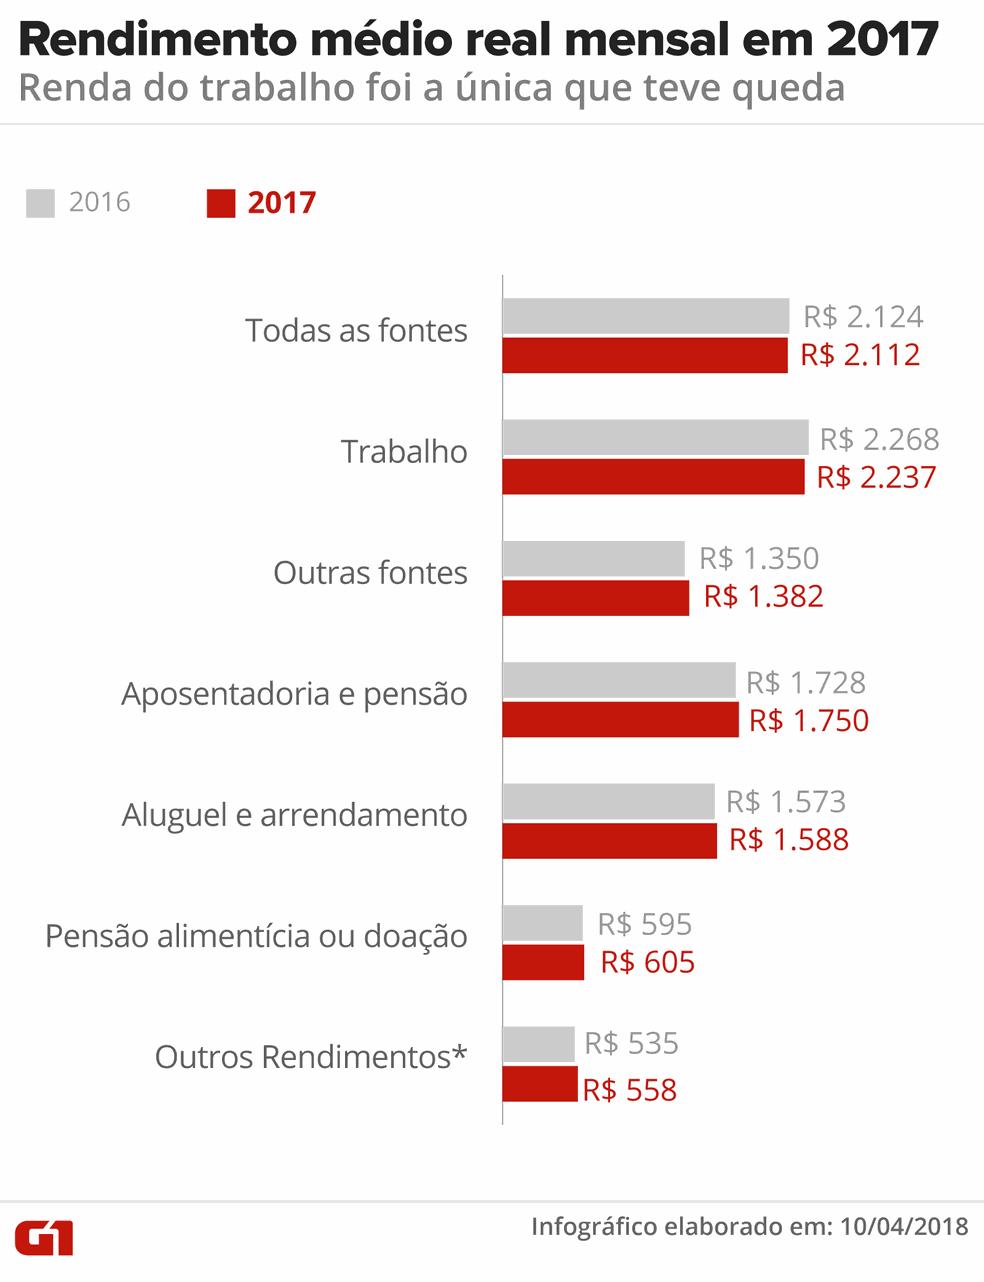 Rendimento médio mensal do brasileiro em 2017 (Foto: Ilustração: Roberta Jaworski/G1)